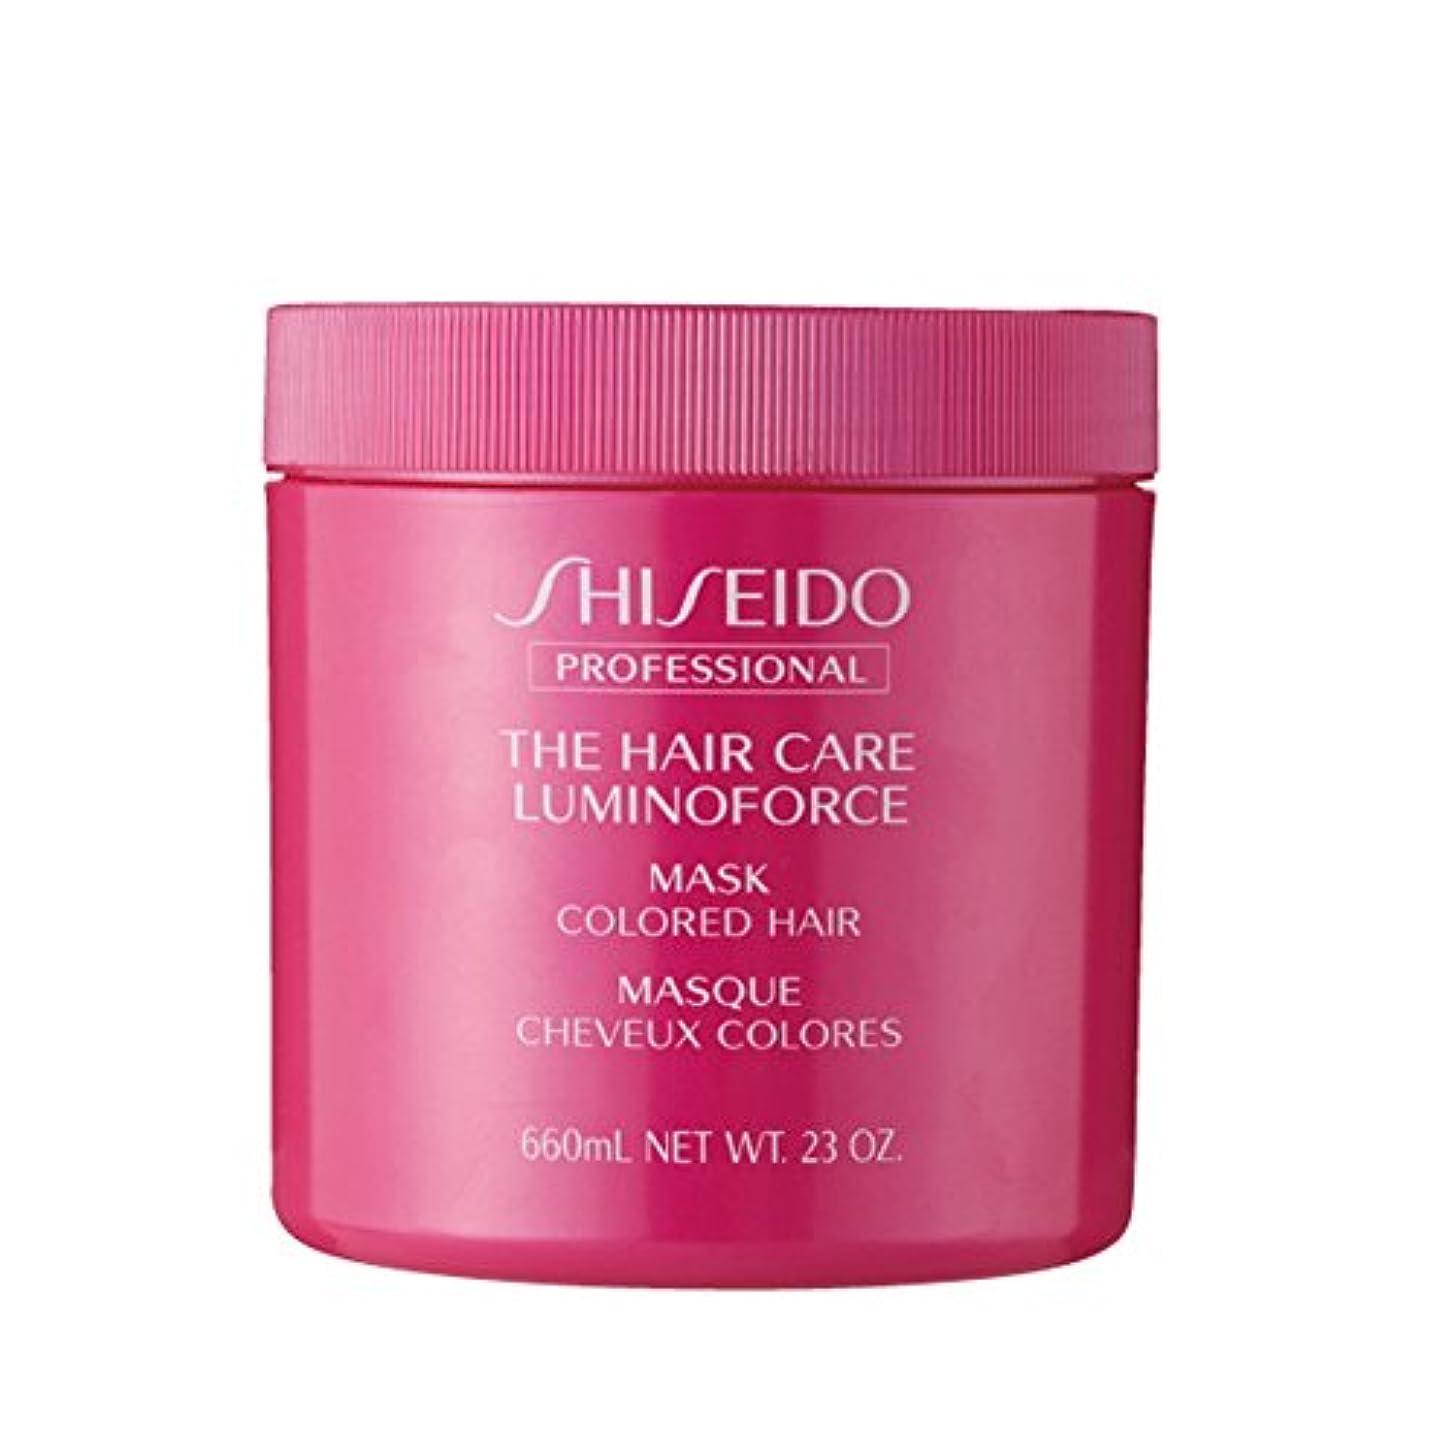 良性学者到着する資生堂 THC ルミノフォース マスク 680g ヘアカラーを繰り返したごわついた髪を、 芯からしなやかでつややかな髪へ SHISEIDO LUMINOFORCE